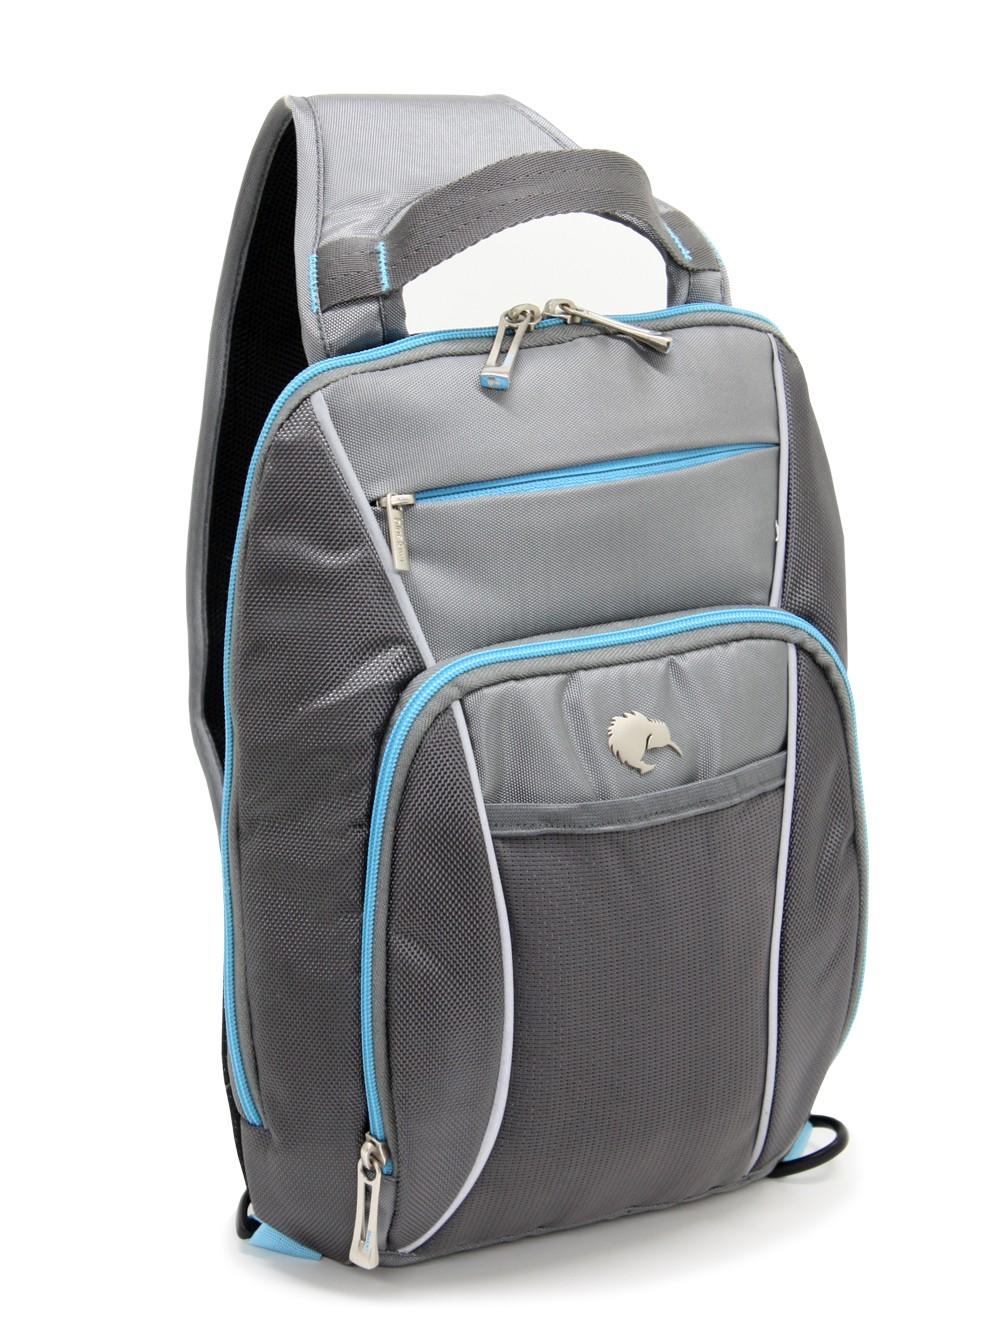 Koha Sling Pack